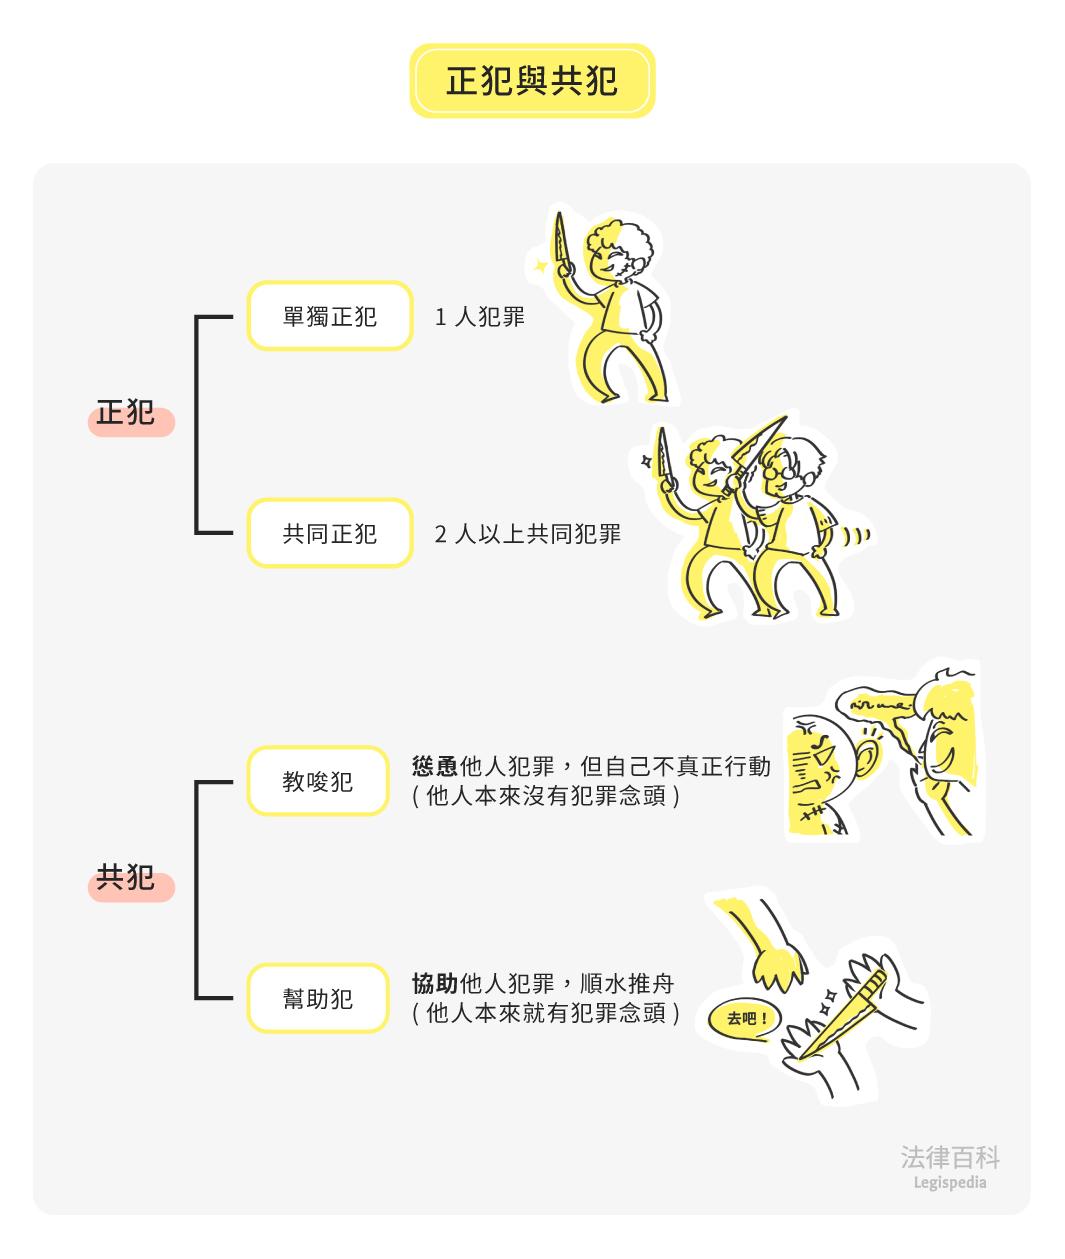 圖1 正犯與共犯||資料來源:楊舒婷 / 繪圖:Yen